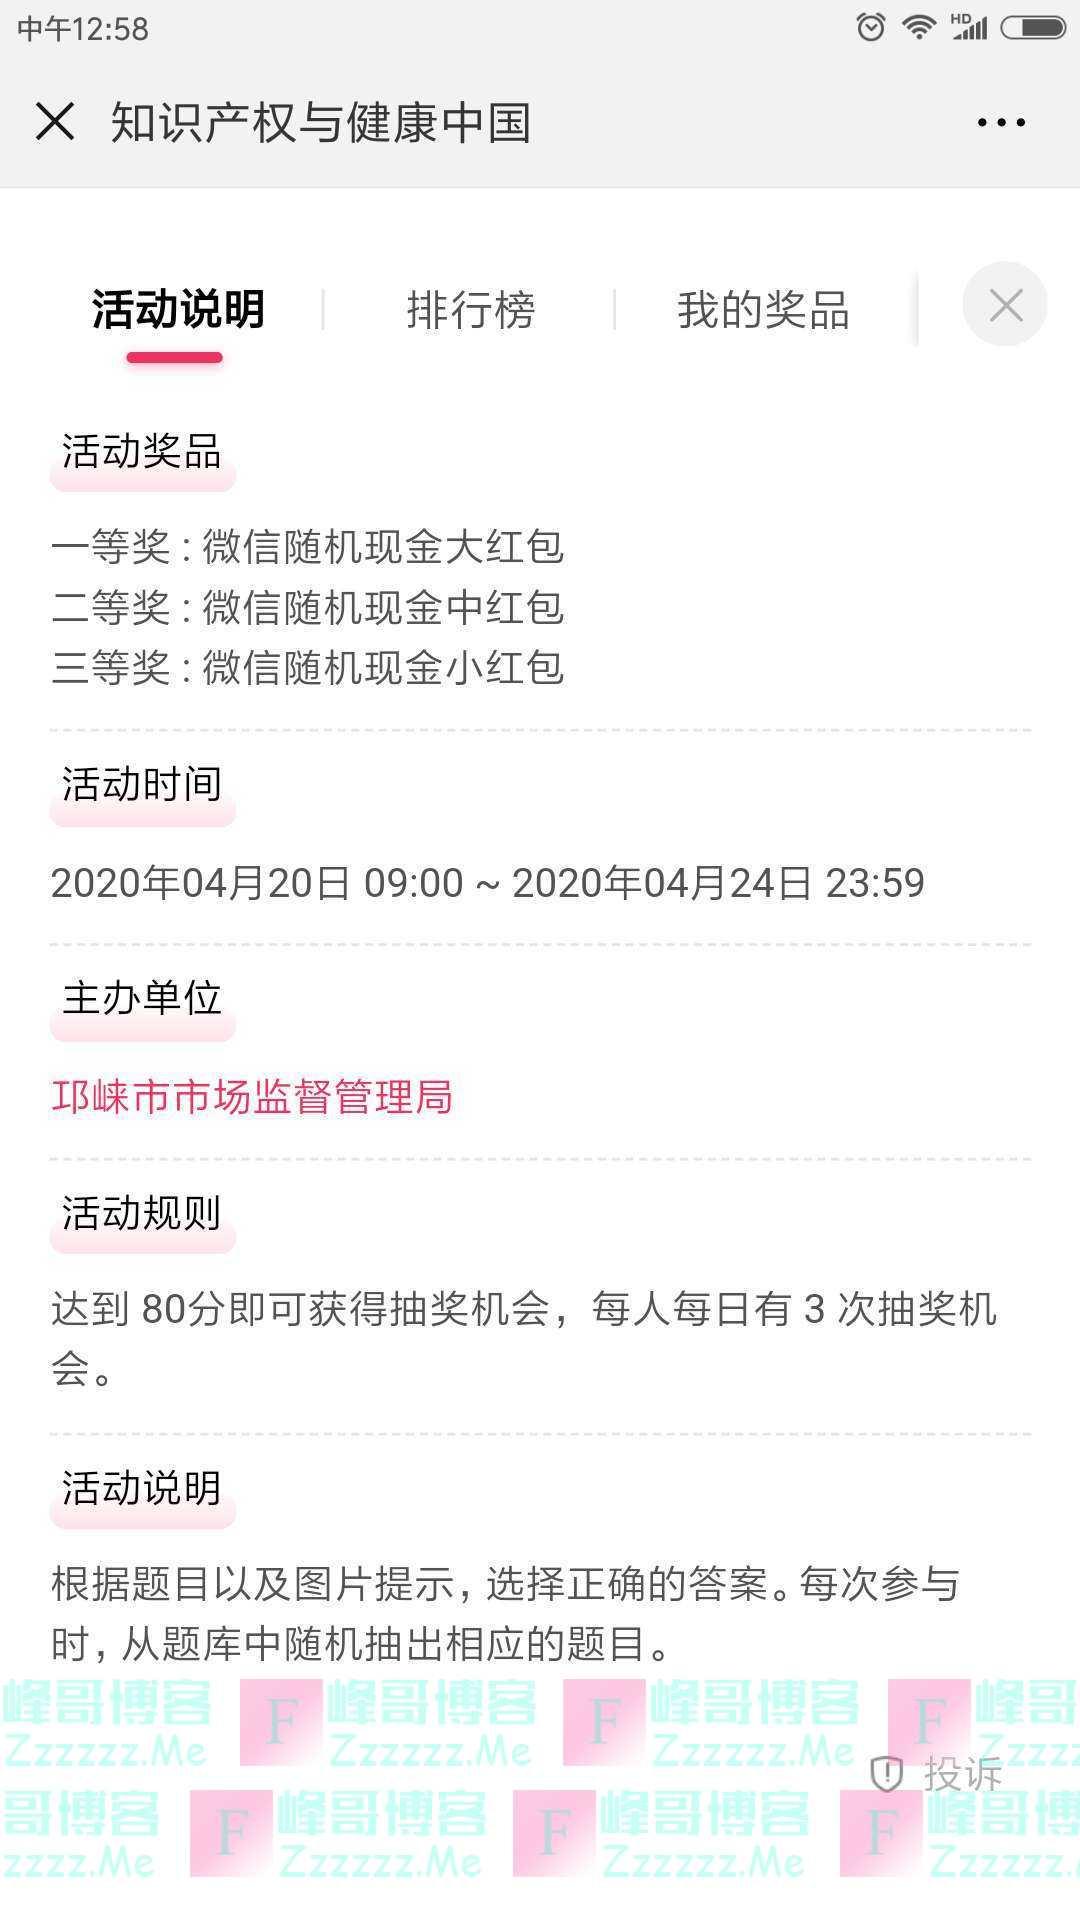 邛崃市市场监督管理局知识产权宣传周有奖竞答(截止4月24日)